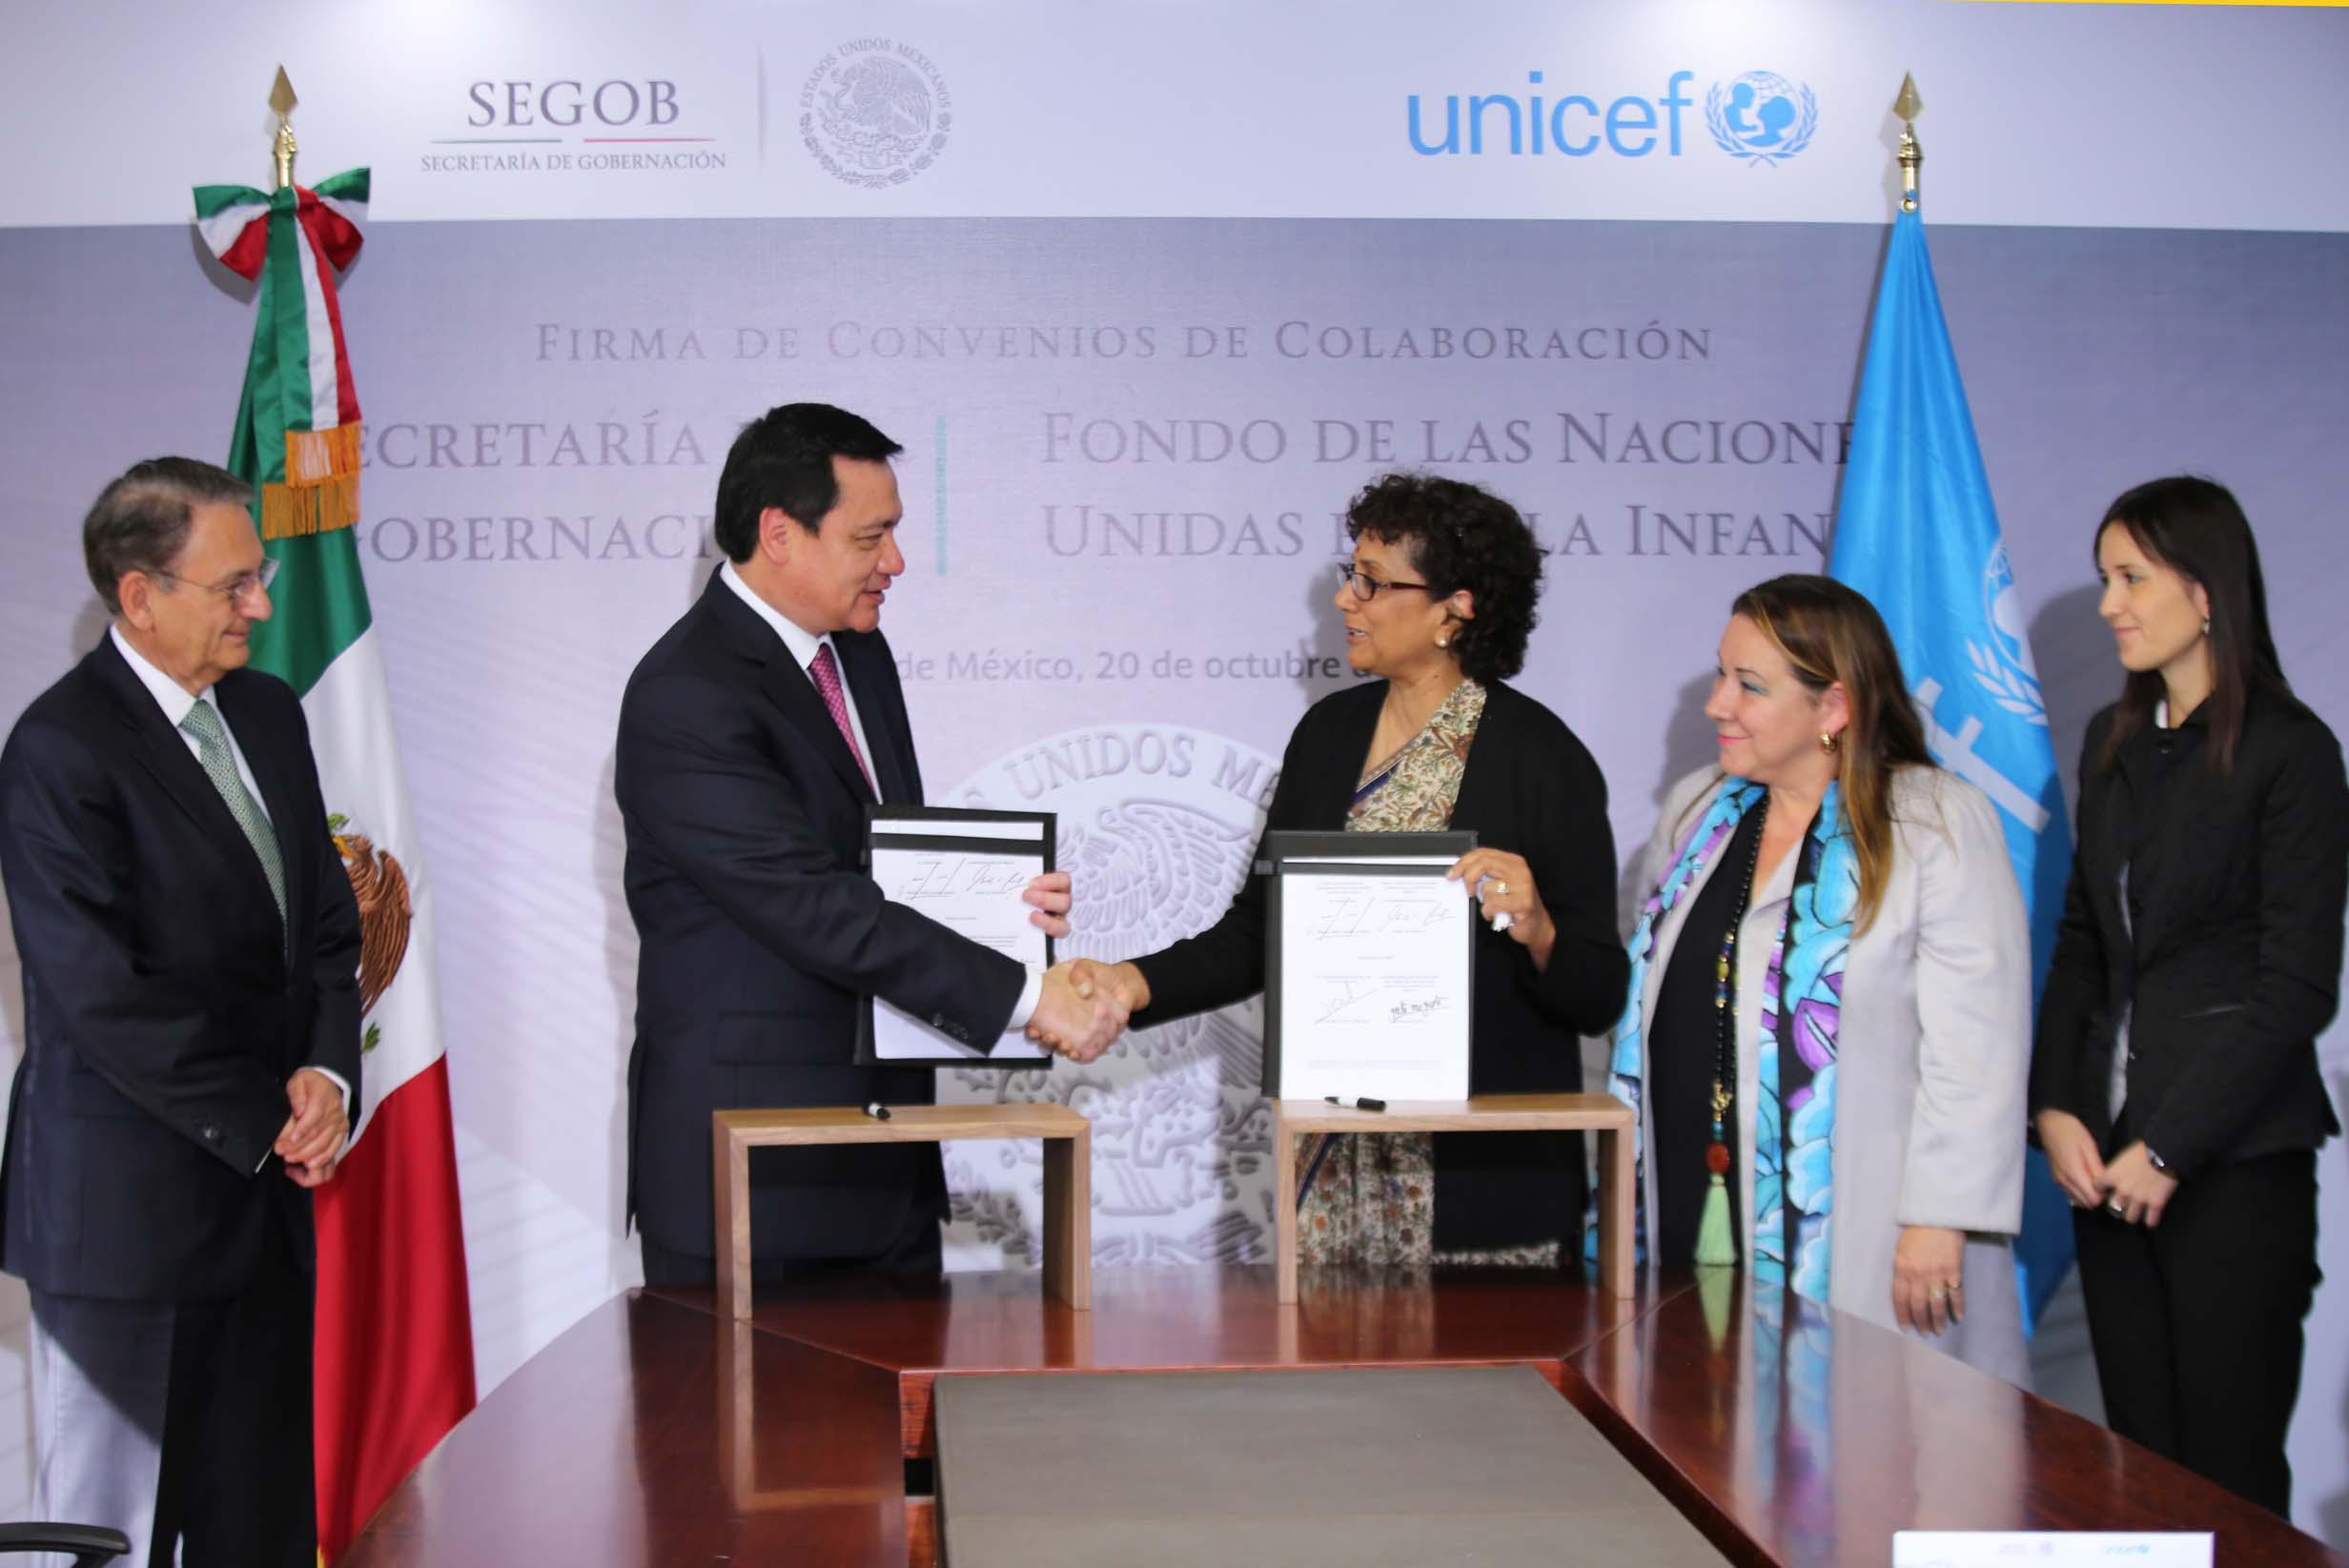 El Secretario de Gobernación, Miguel Ángel Osorio Chong, y la Directora Ejecutiva Adjunta del Fondo de las Naciones Unidas para la Infancia, Geeta Rao Gupta, firmaron dos convenios de colaboración, en materia de derechos humanos y de protección civil.